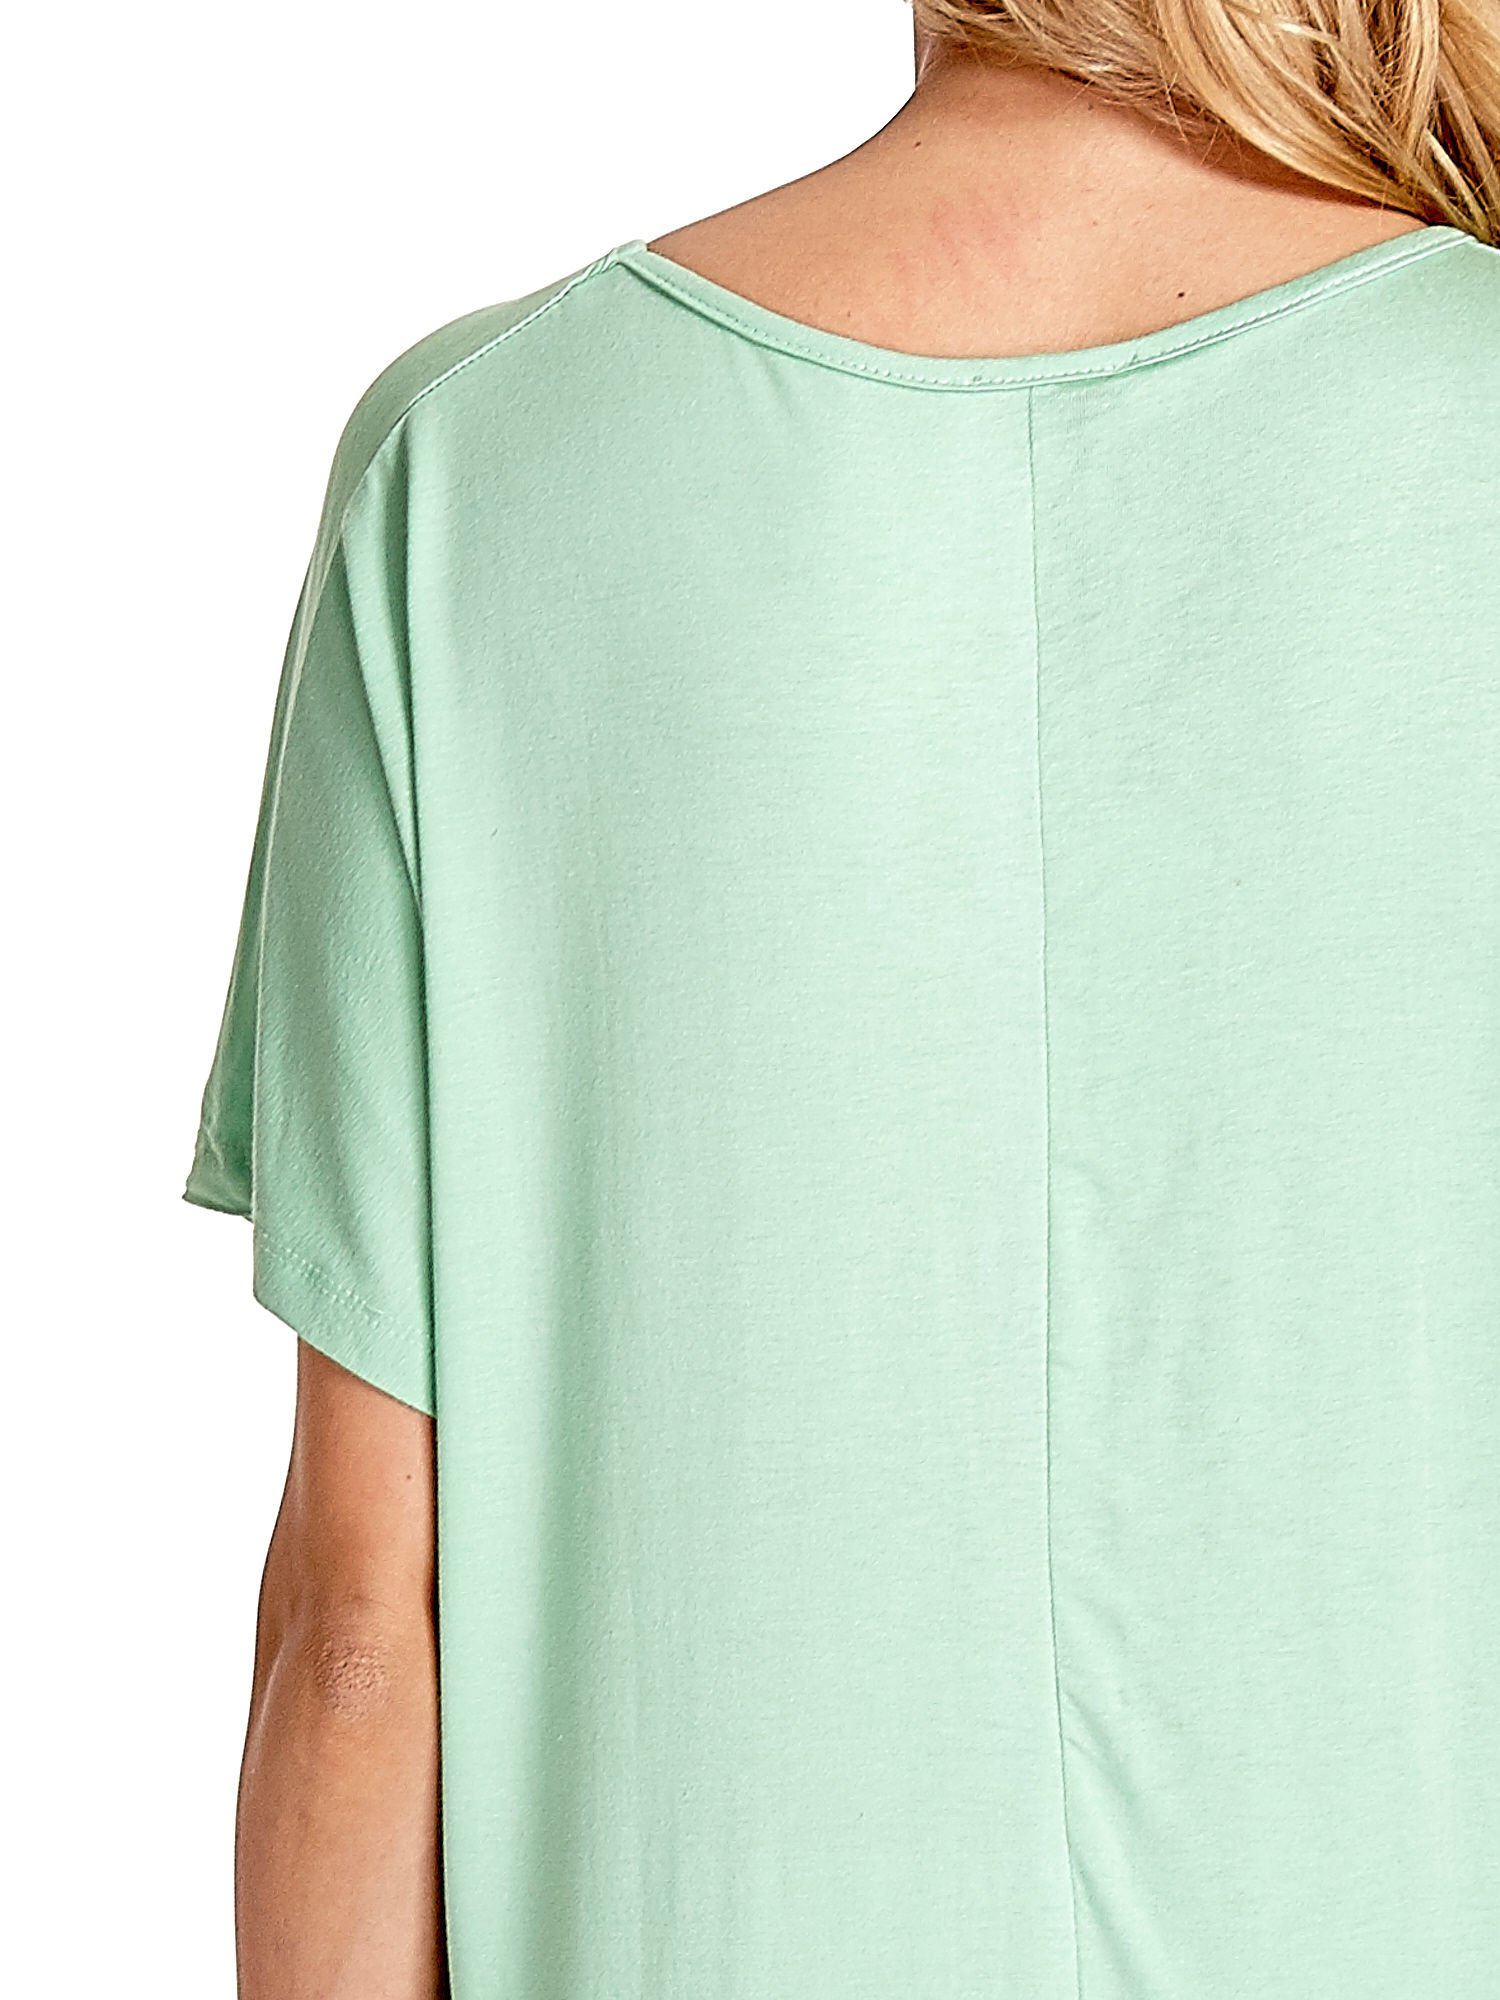 Miętowy t-shirt z biżuteryjnym napisem LOVE                                  zdj.                                  6